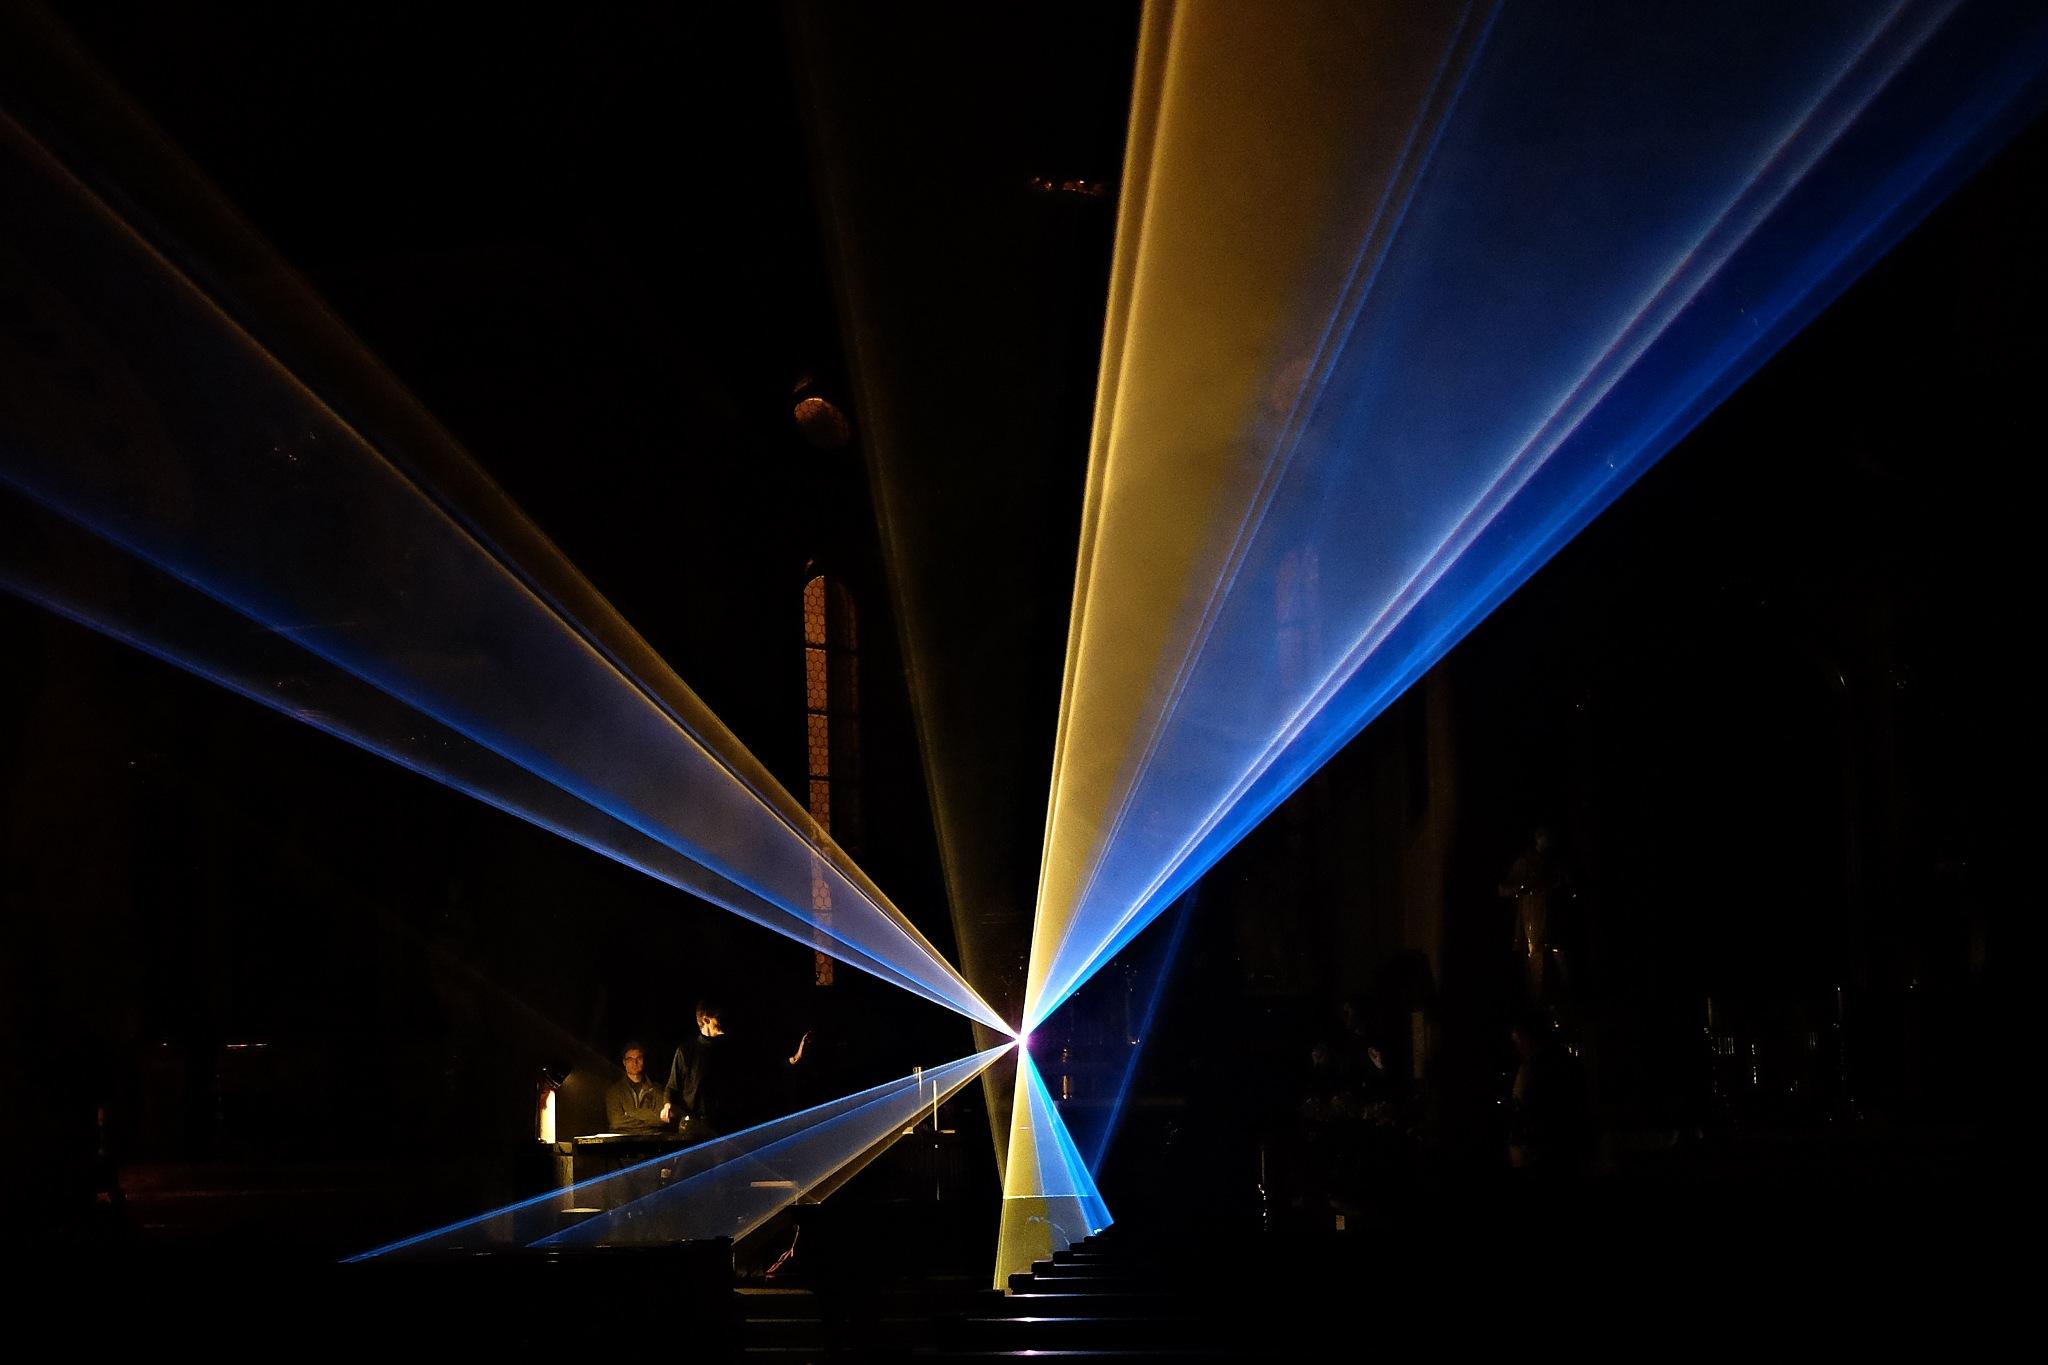 Laser Show by Raffaele Capozzi